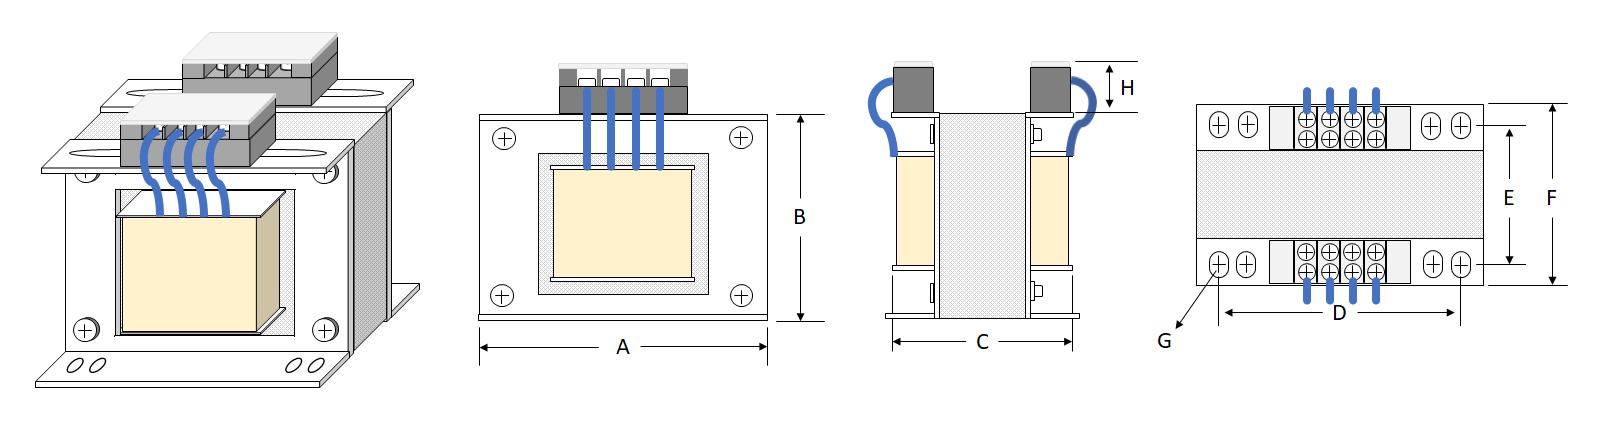 Transformer-Terminal Block - Japanese Type (Square Frame)